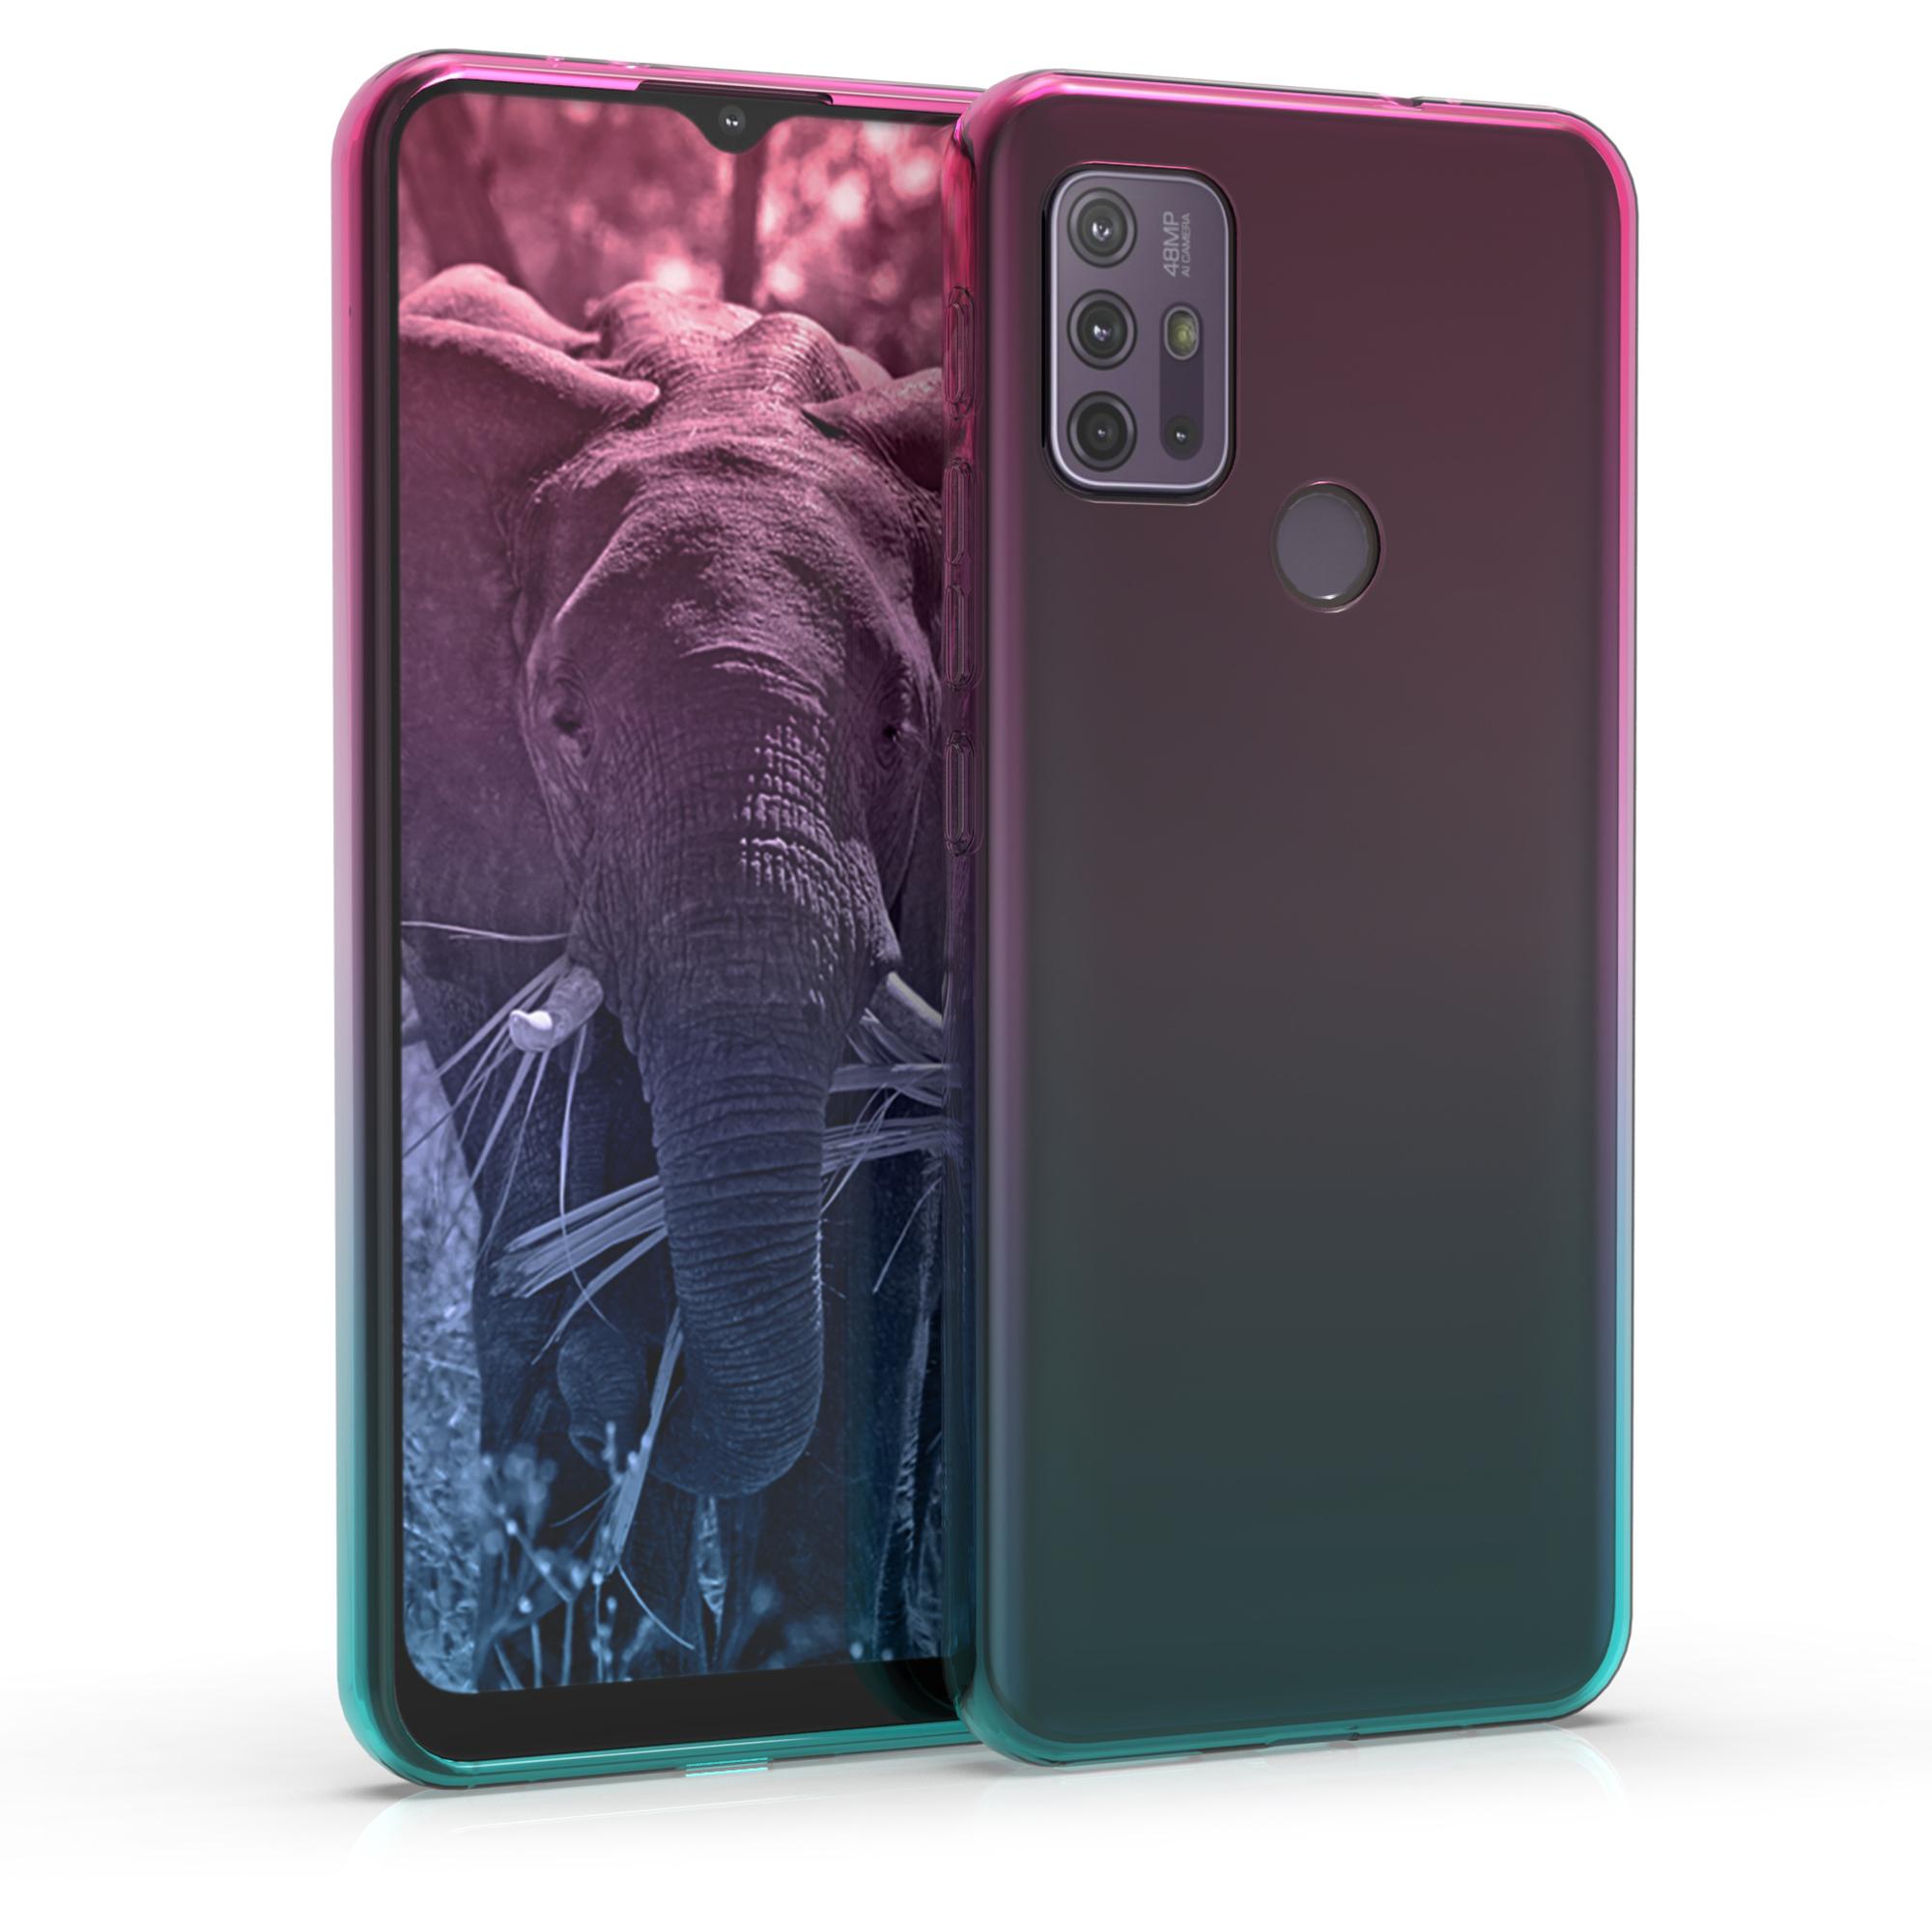 Kvalitní silikonové TPU pouzdro | obal pro Motorola Moto G30 / Moto G20 / Moto G10 - Dvoubarevná tmavě růžová / modrá / průhledná